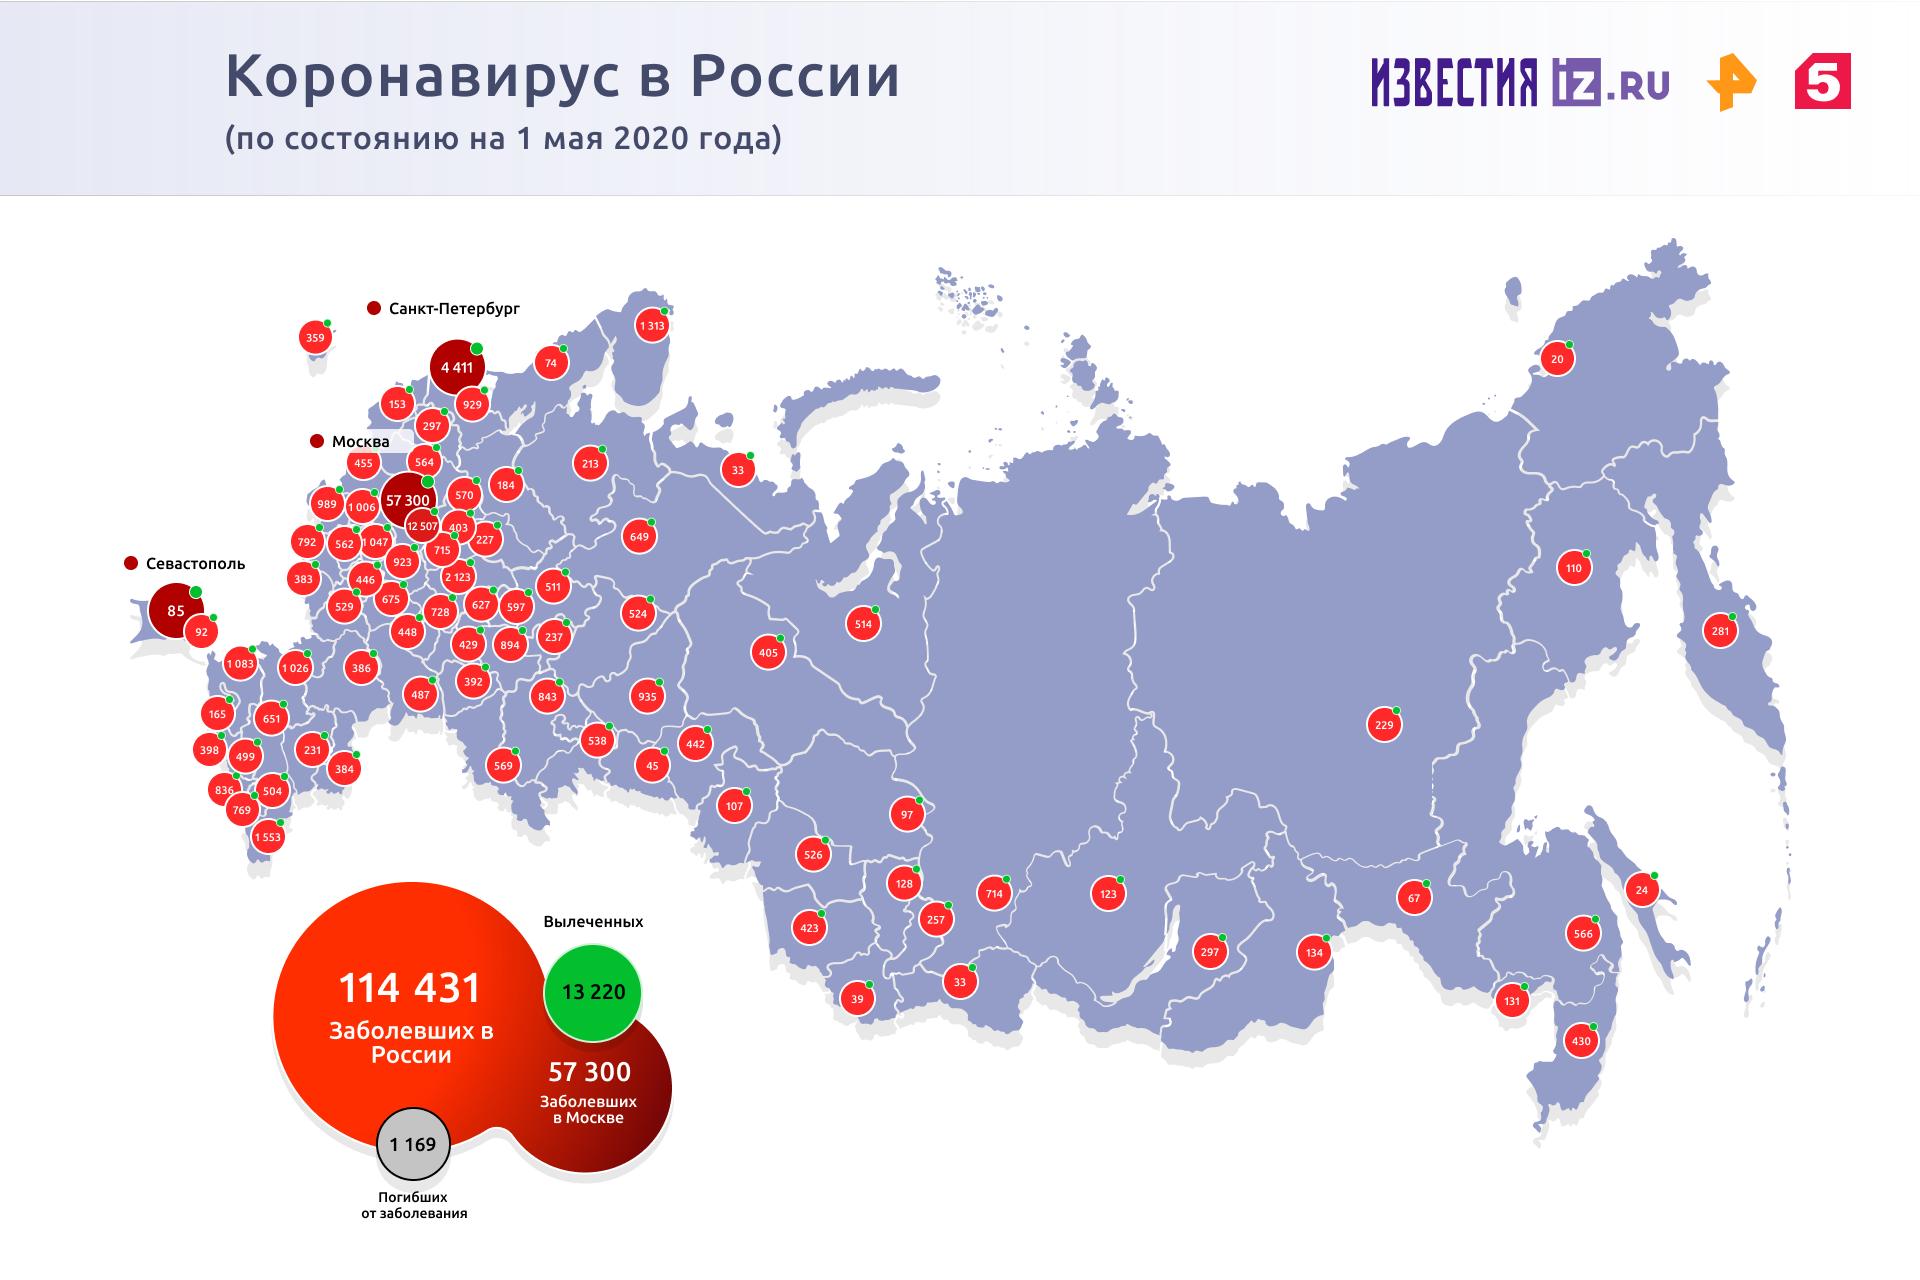 Медведев допустил корректировку трудового законодательства после пандемии